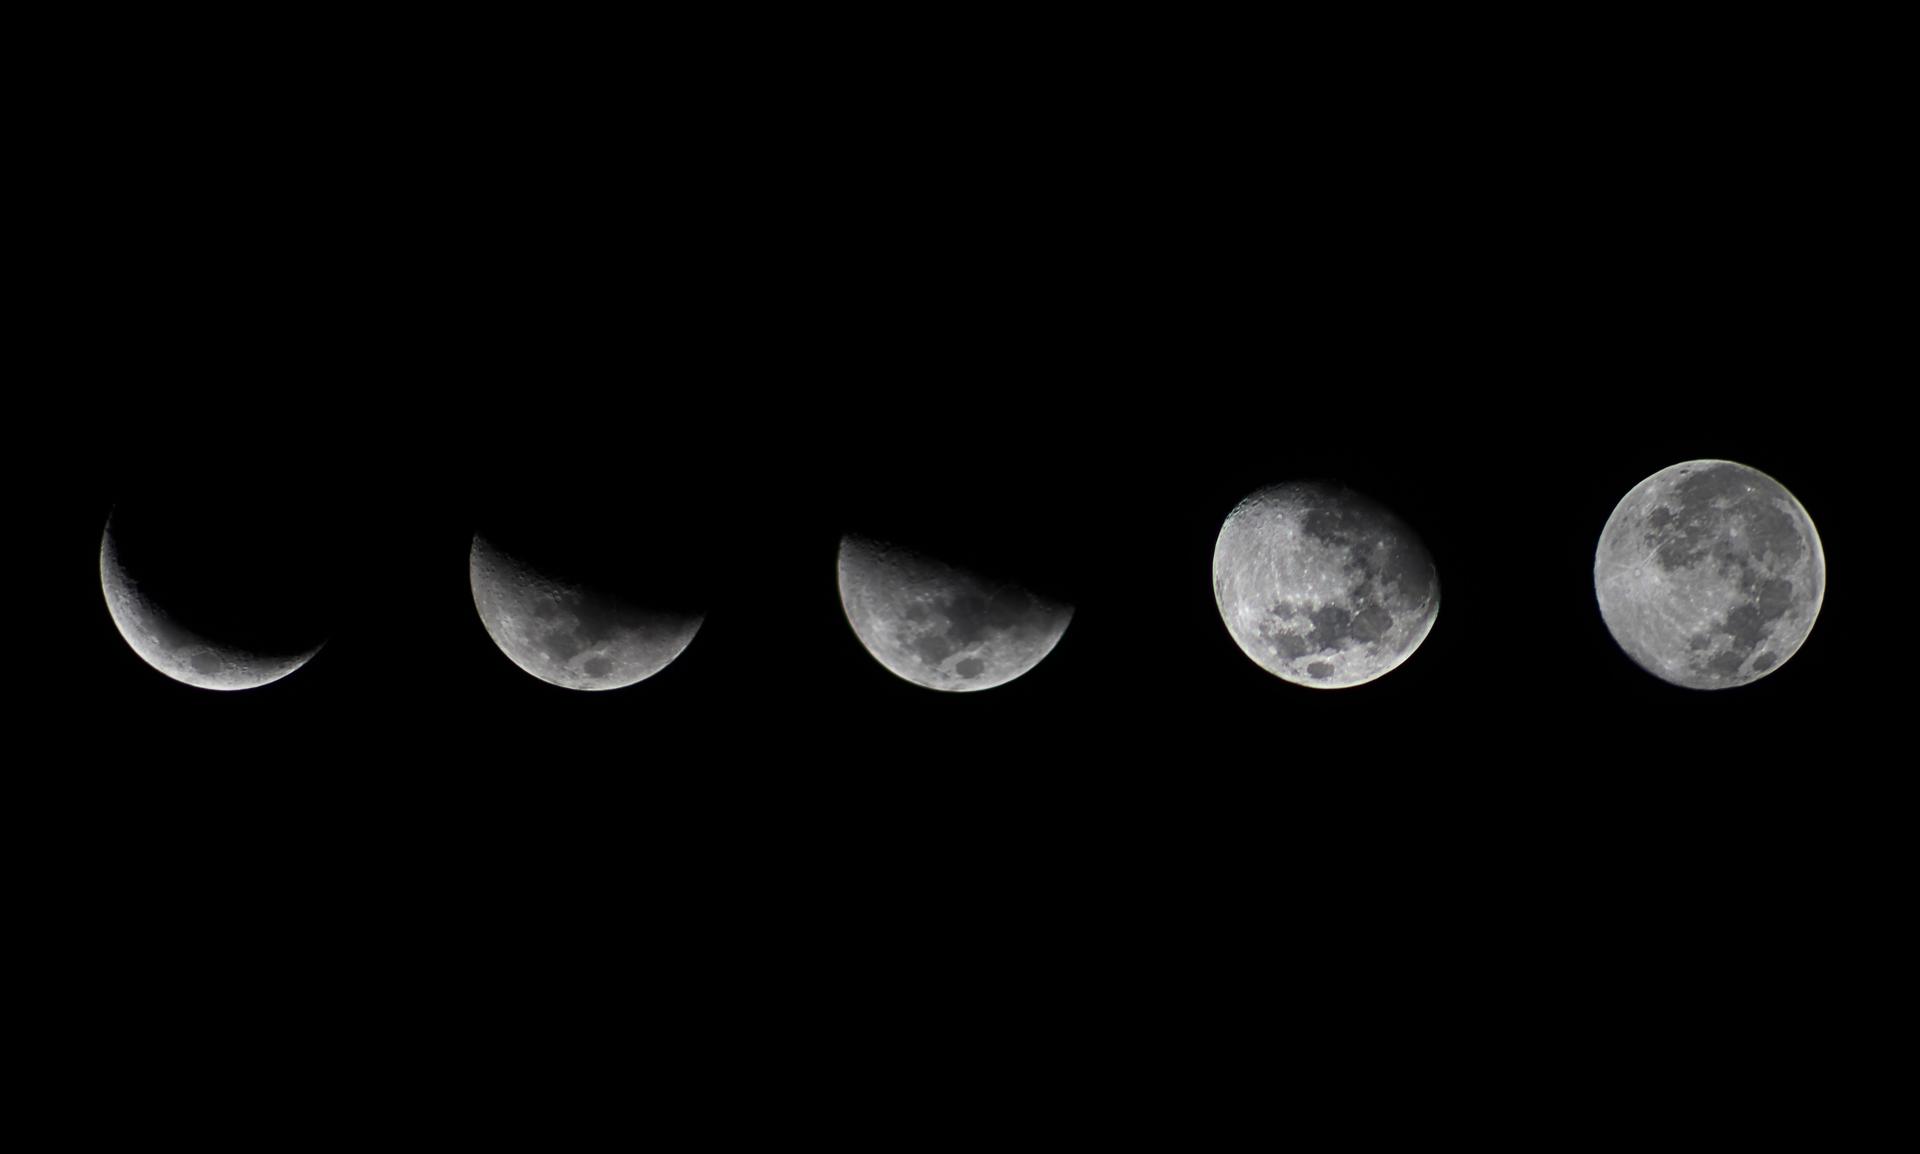 картинка новолуние рост луны этом